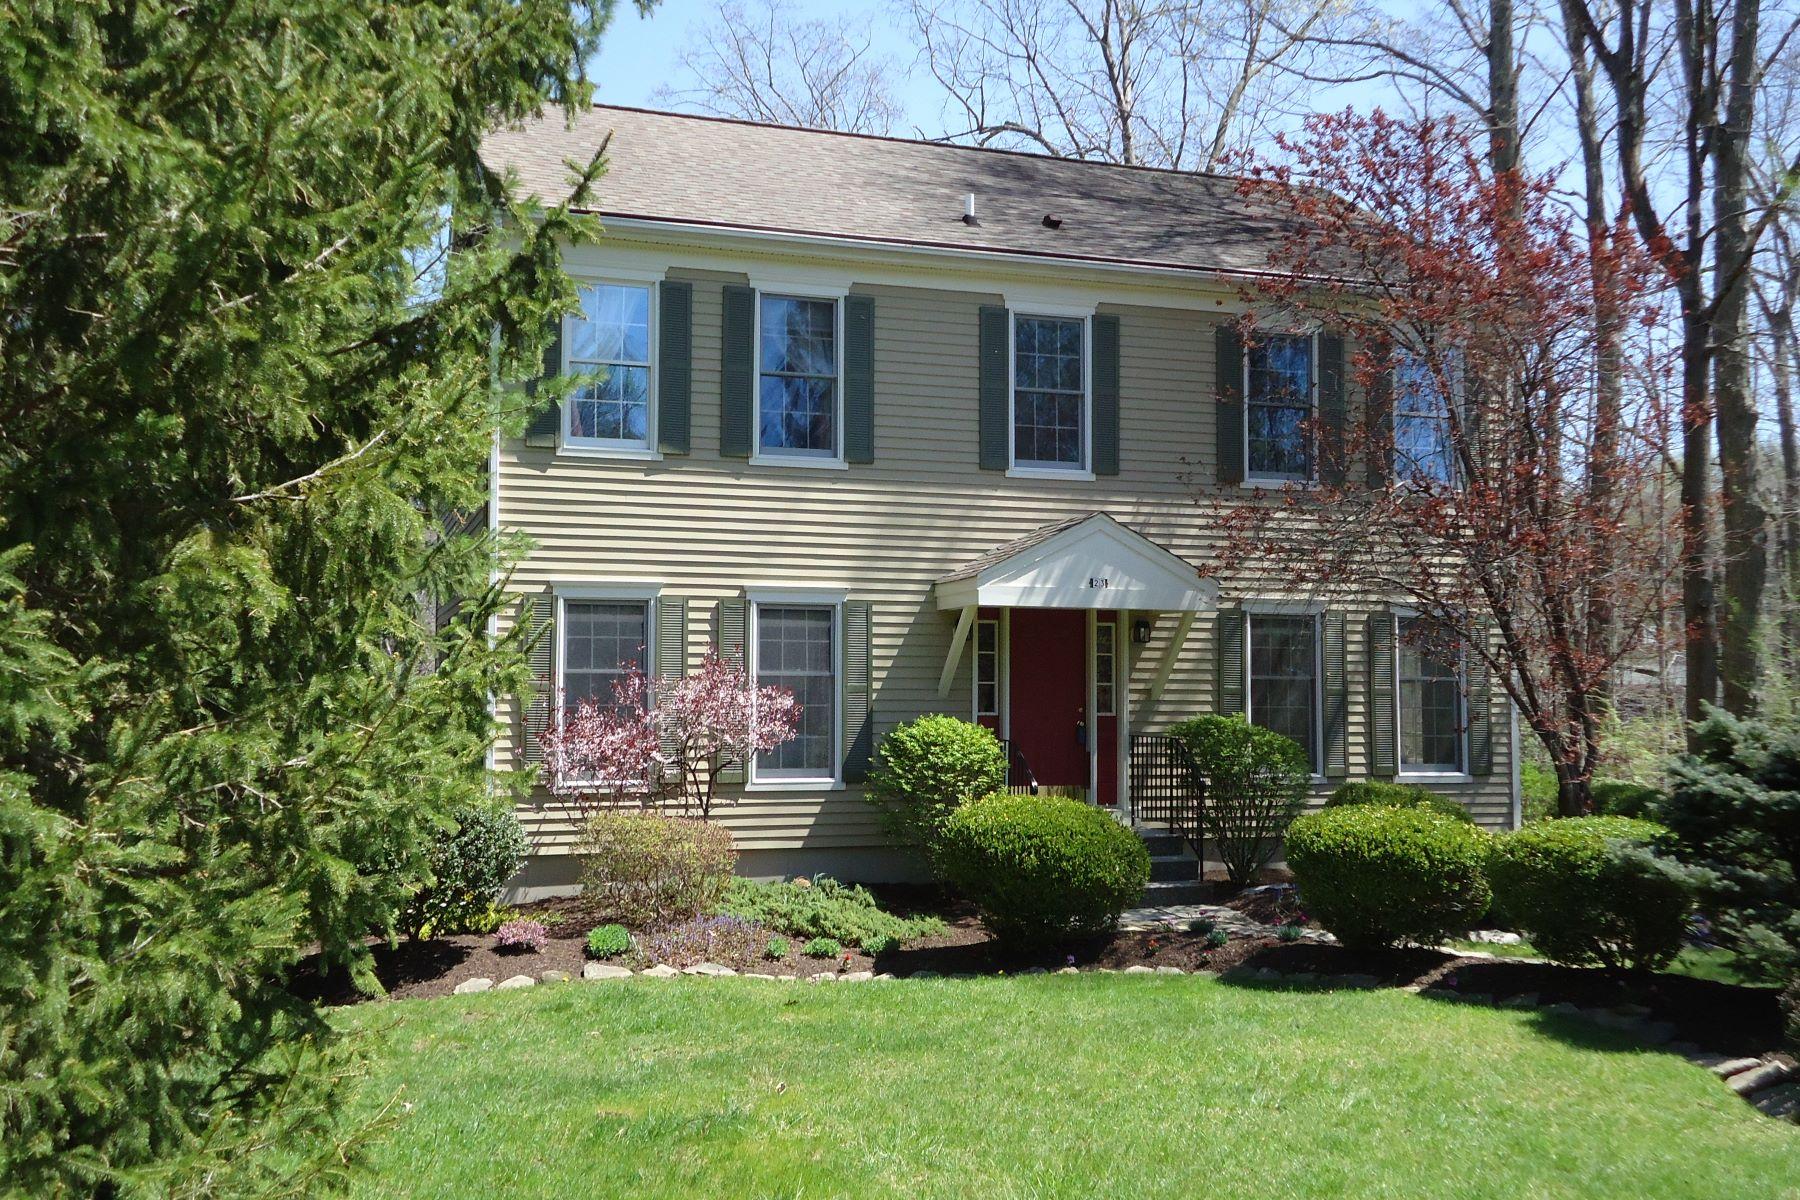 Maison unifamiliale pour l Vente à Colonial with Lake Views 23 Rita Road Ridgefield, Connecticut, 06877 États-Unis